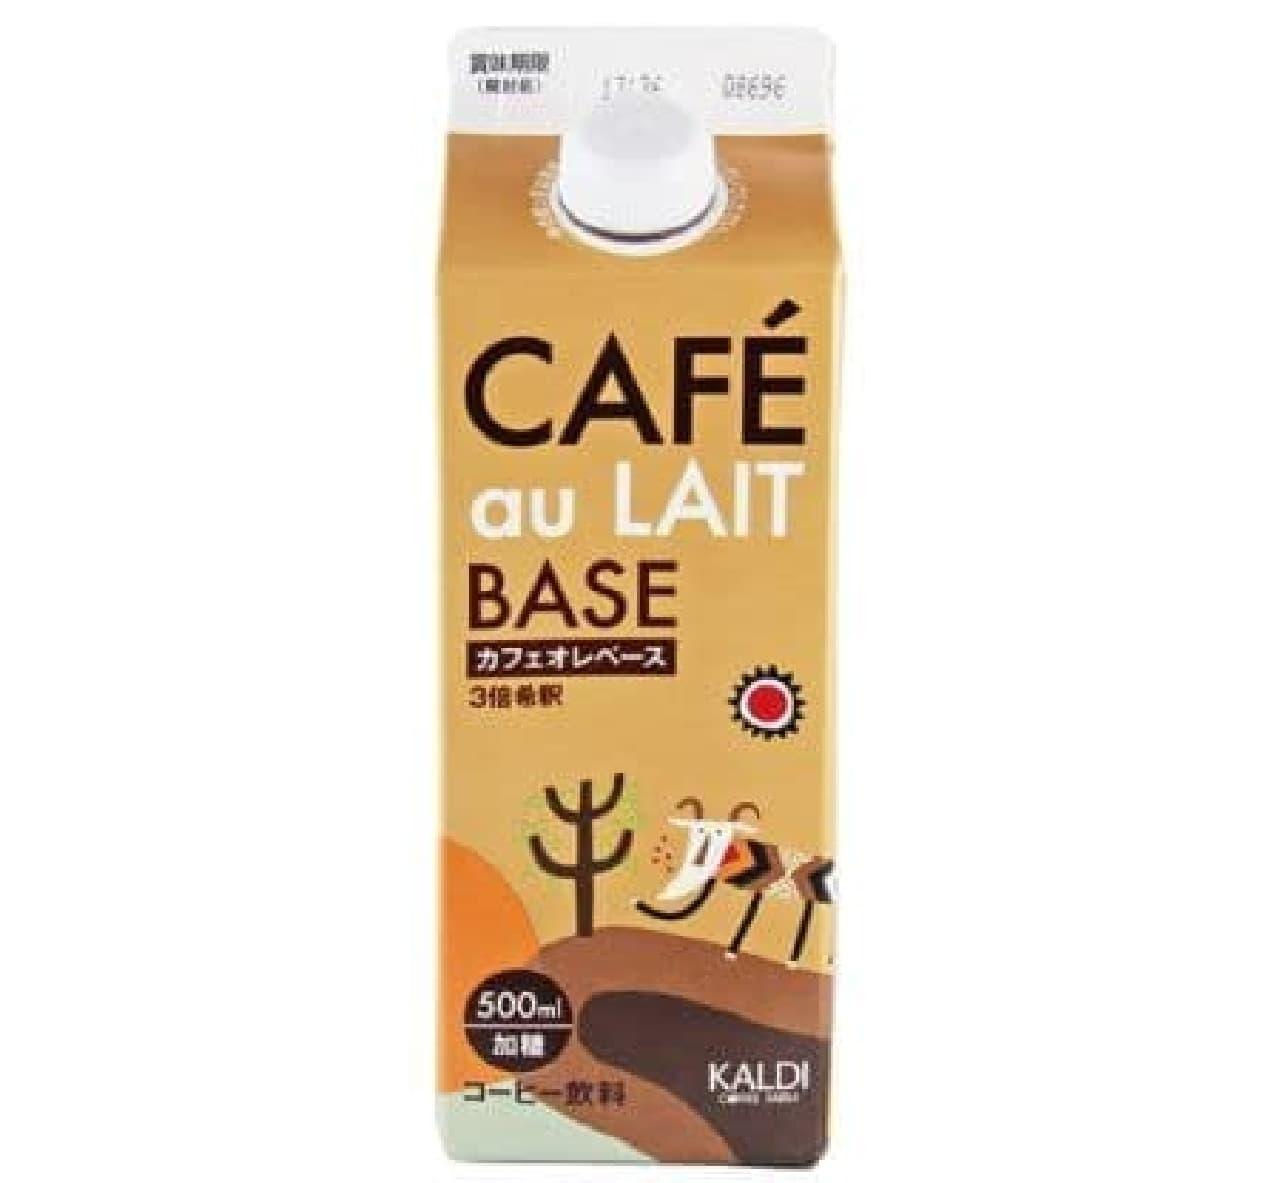 カフェオレベース(濃縮コーヒー)はブラジル産コーヒー豆を100%使用した人気のリキッドコーヒー